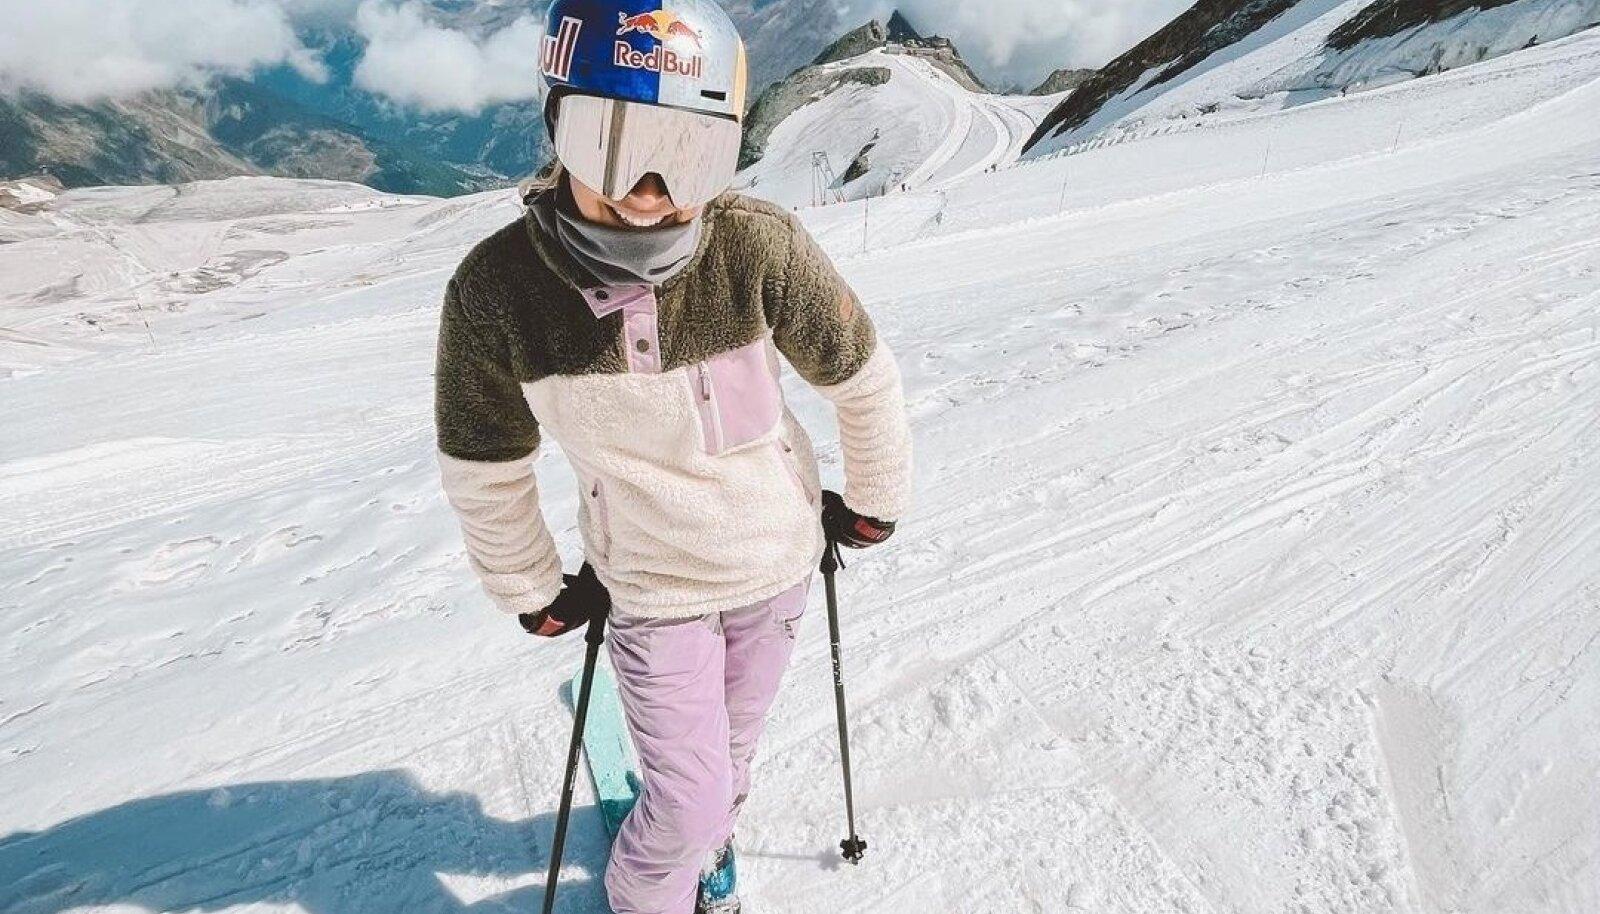 Kelly Sildaru 4000 m kõrgusel Saas-Fees. Võimaluse korral harjutaks ta praegu hoopis Uus-Meremaal, kuid sealsed karmid koroonapiirangud tõmbasid sellele plaanile kriipsu peale.